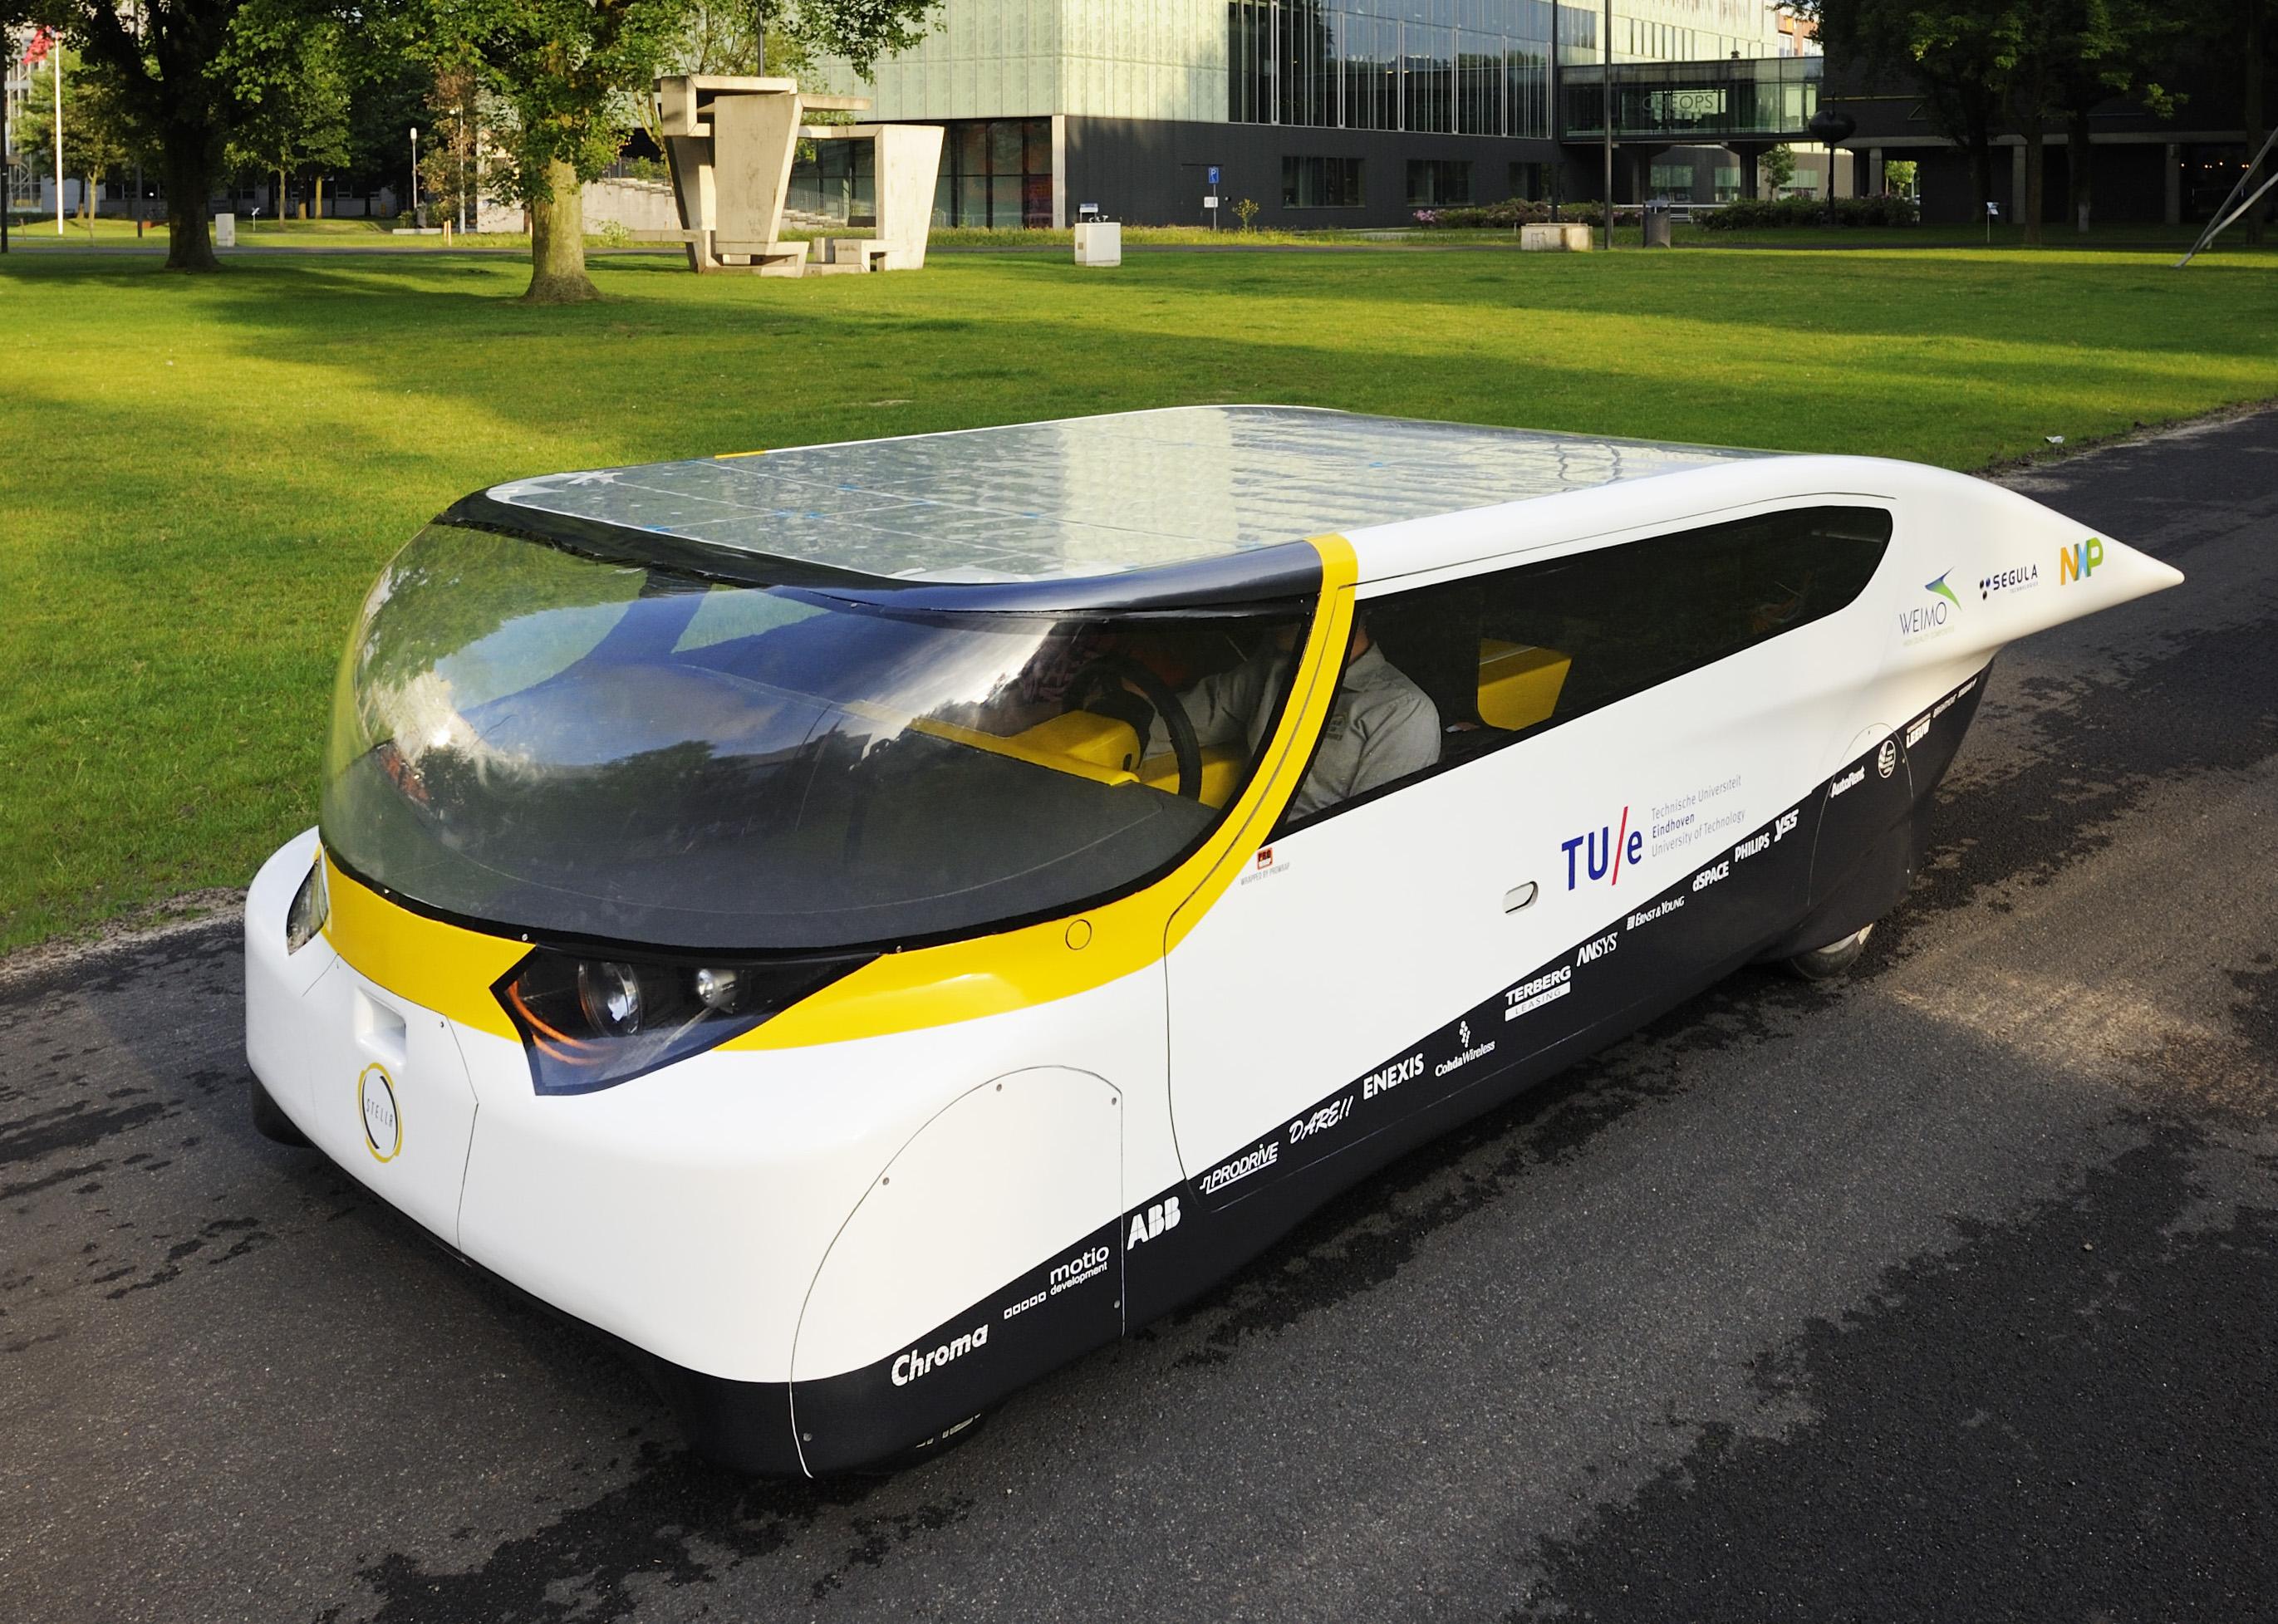 De 'gezinsauto' op zonne-energie van de Technische Universiteit Eindhoven. Foto: Bart van Overbeeke